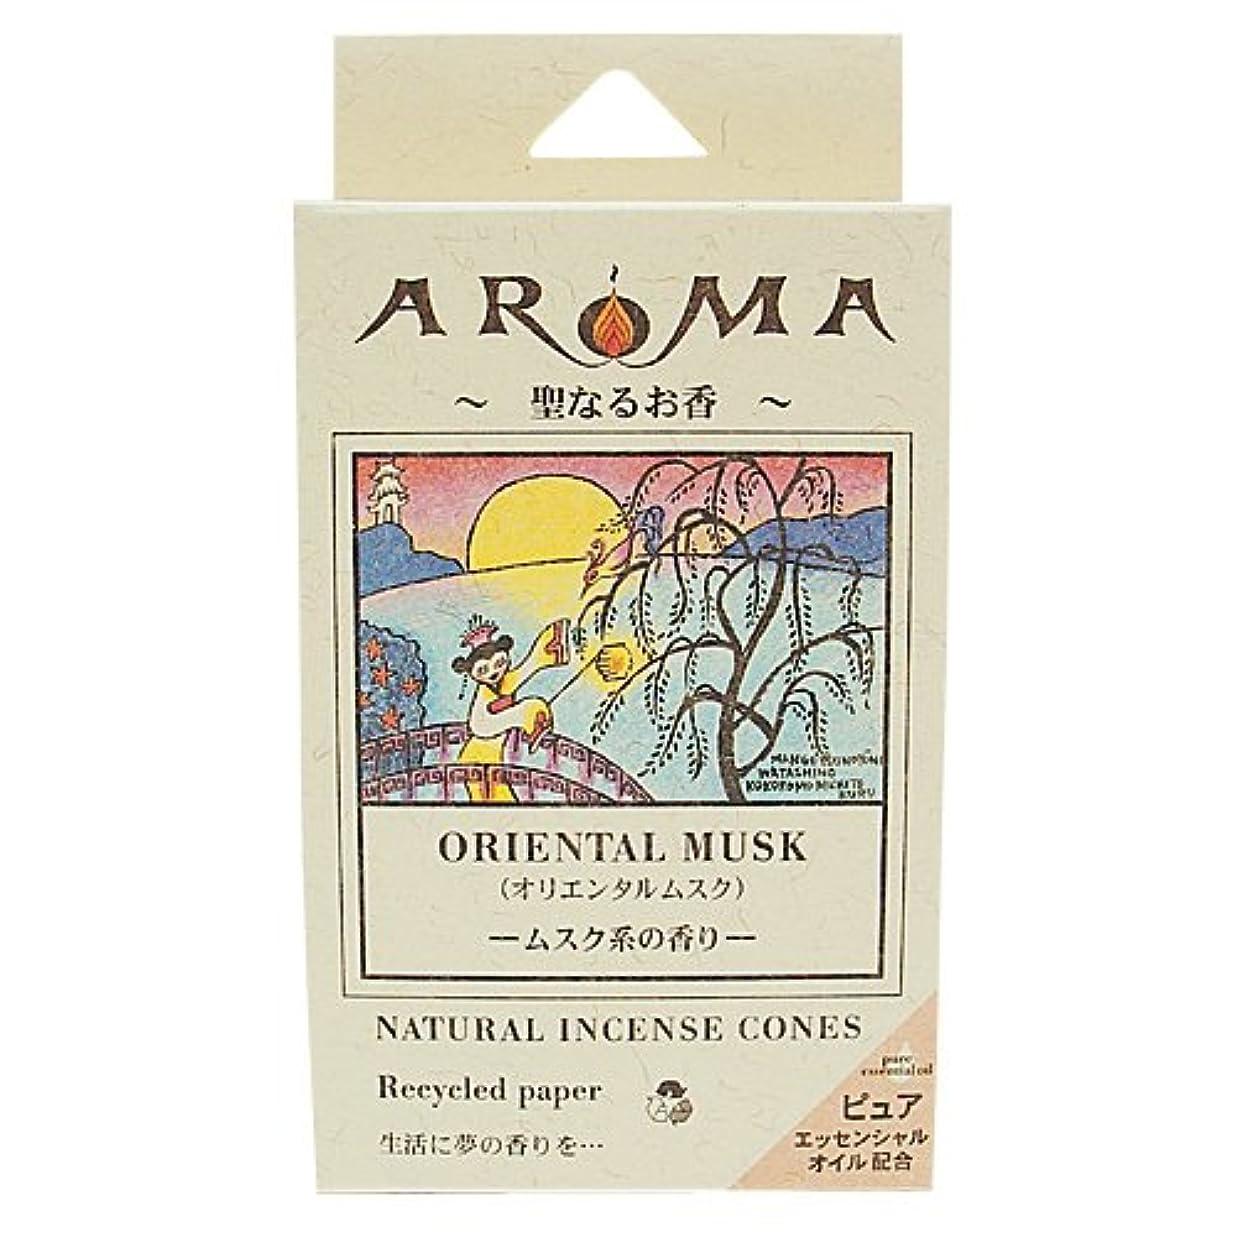 最終的に悲しいことに列挙するアロマ香 オリエンタルムスク 16粒(コーンタイプインセンス 1粒の燃焼時間約20分 ムスクの香り)